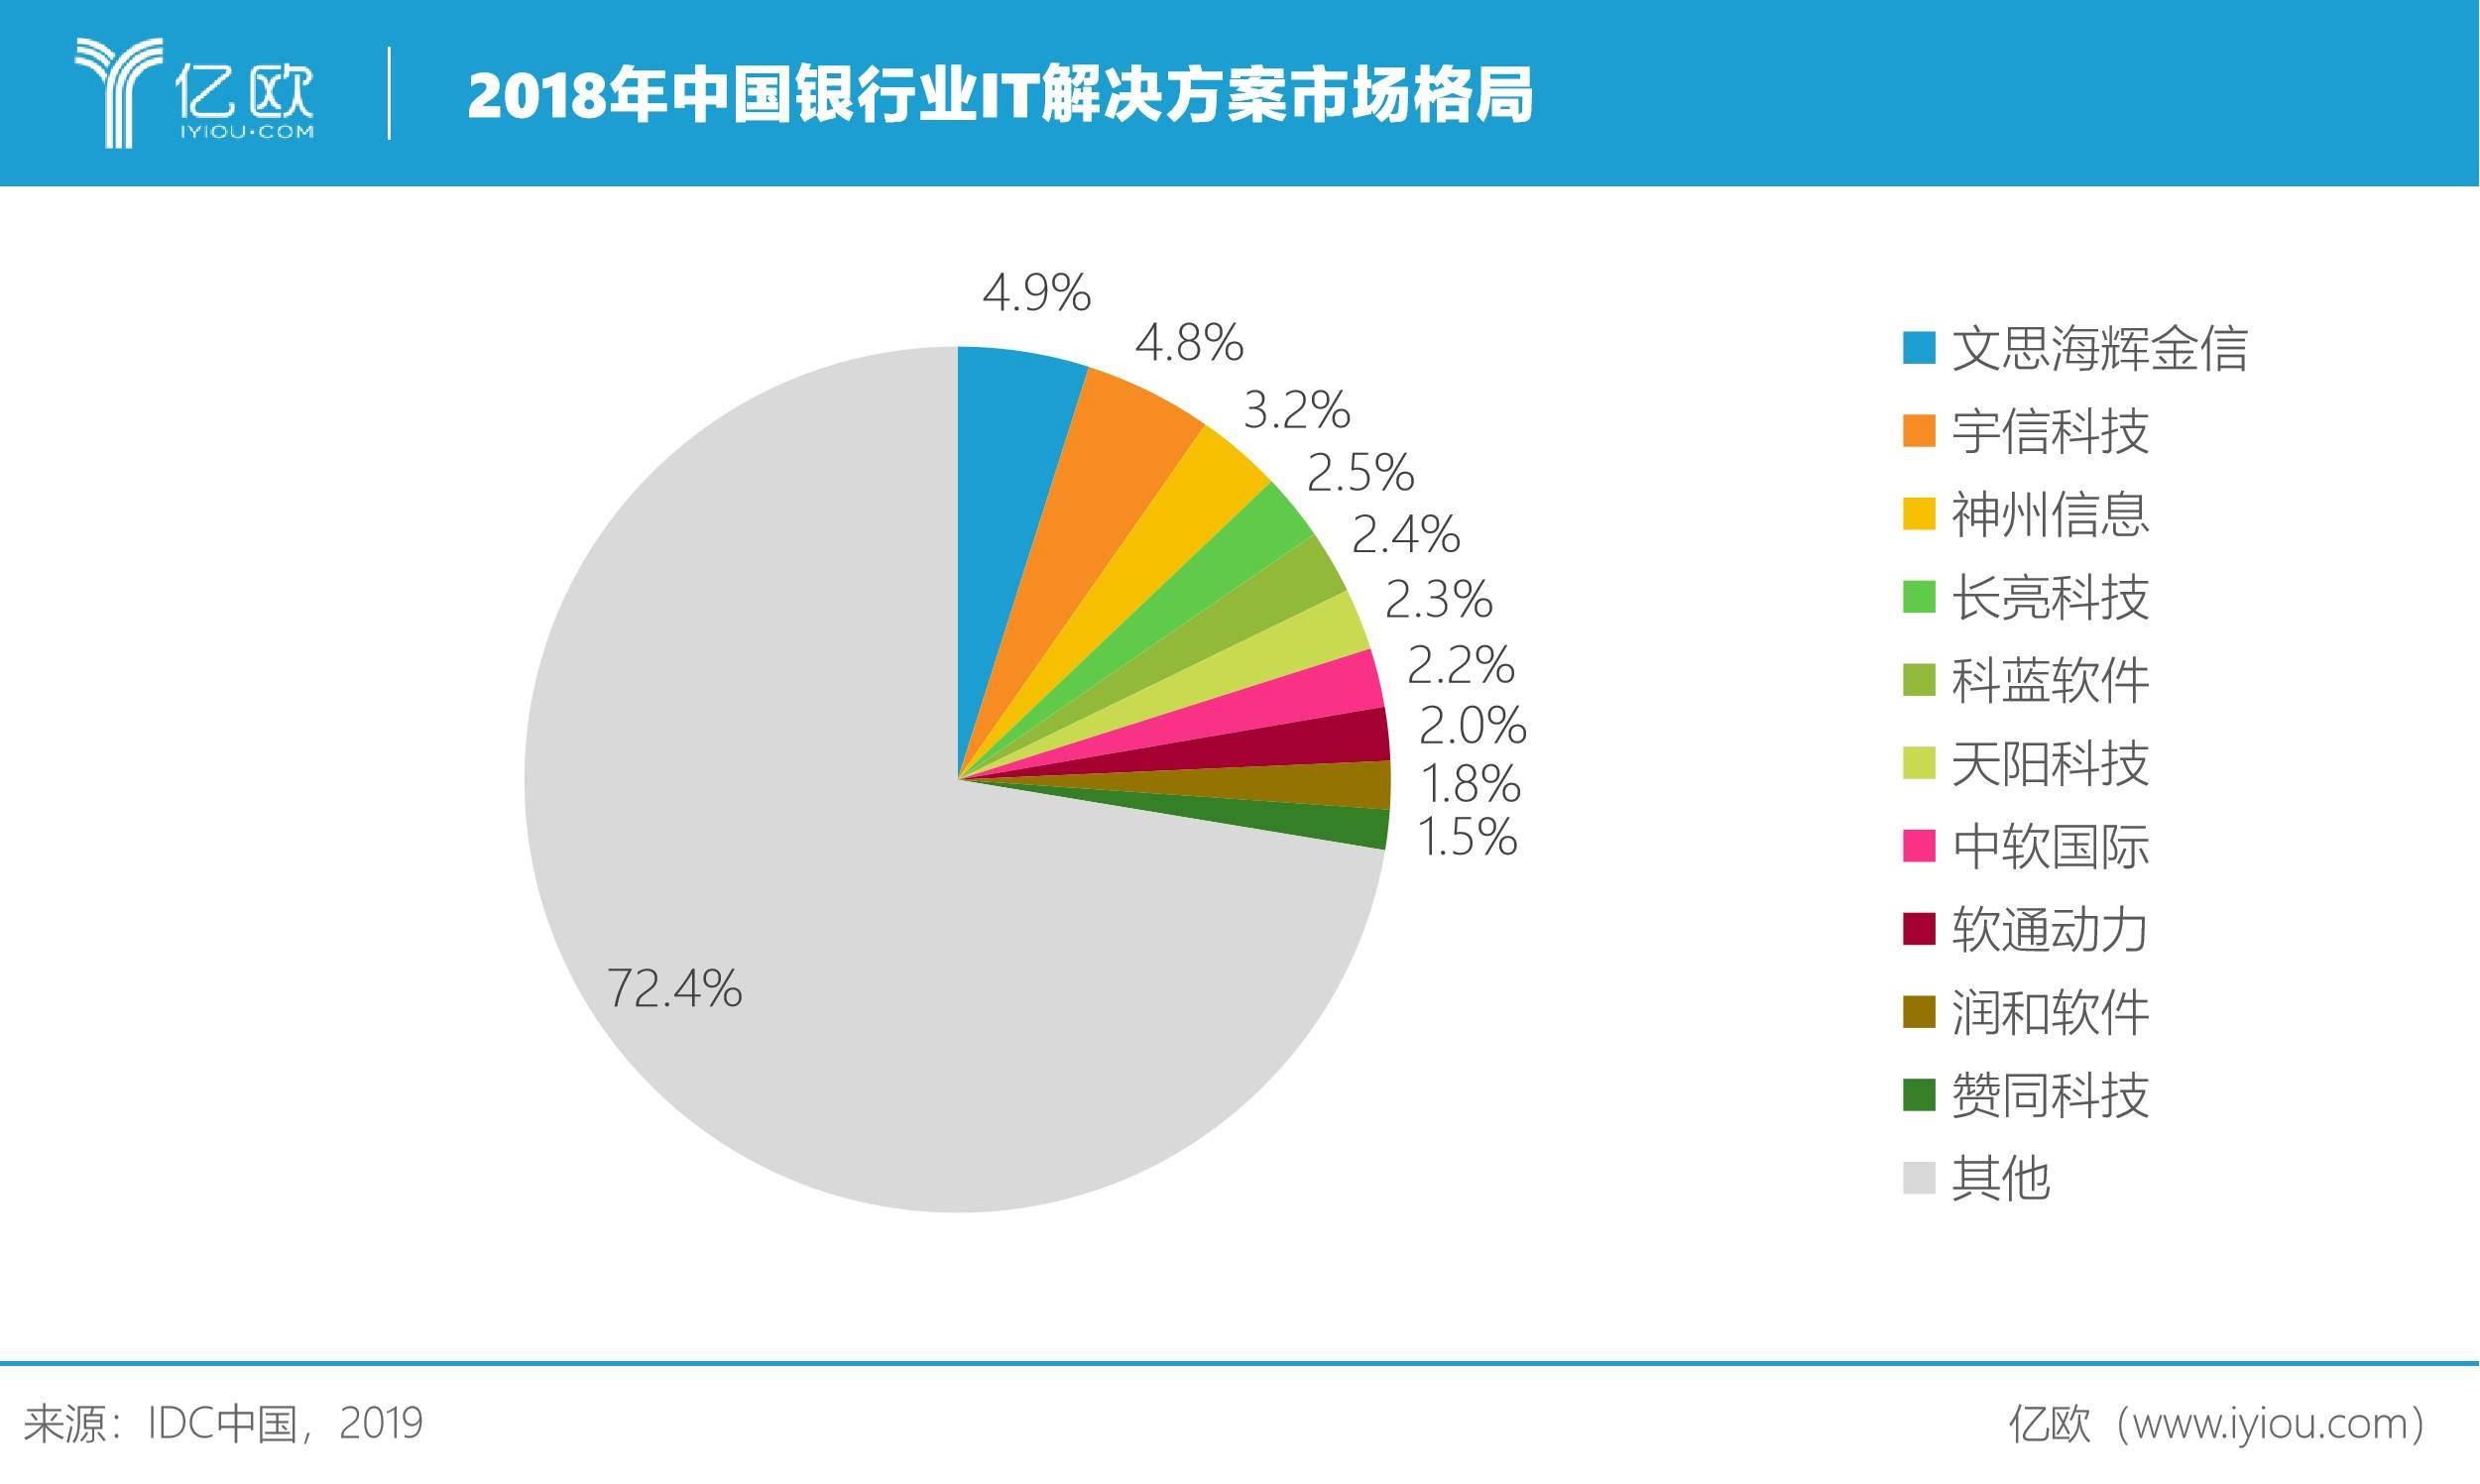 中国银行业IT解决方案市场份额,2018